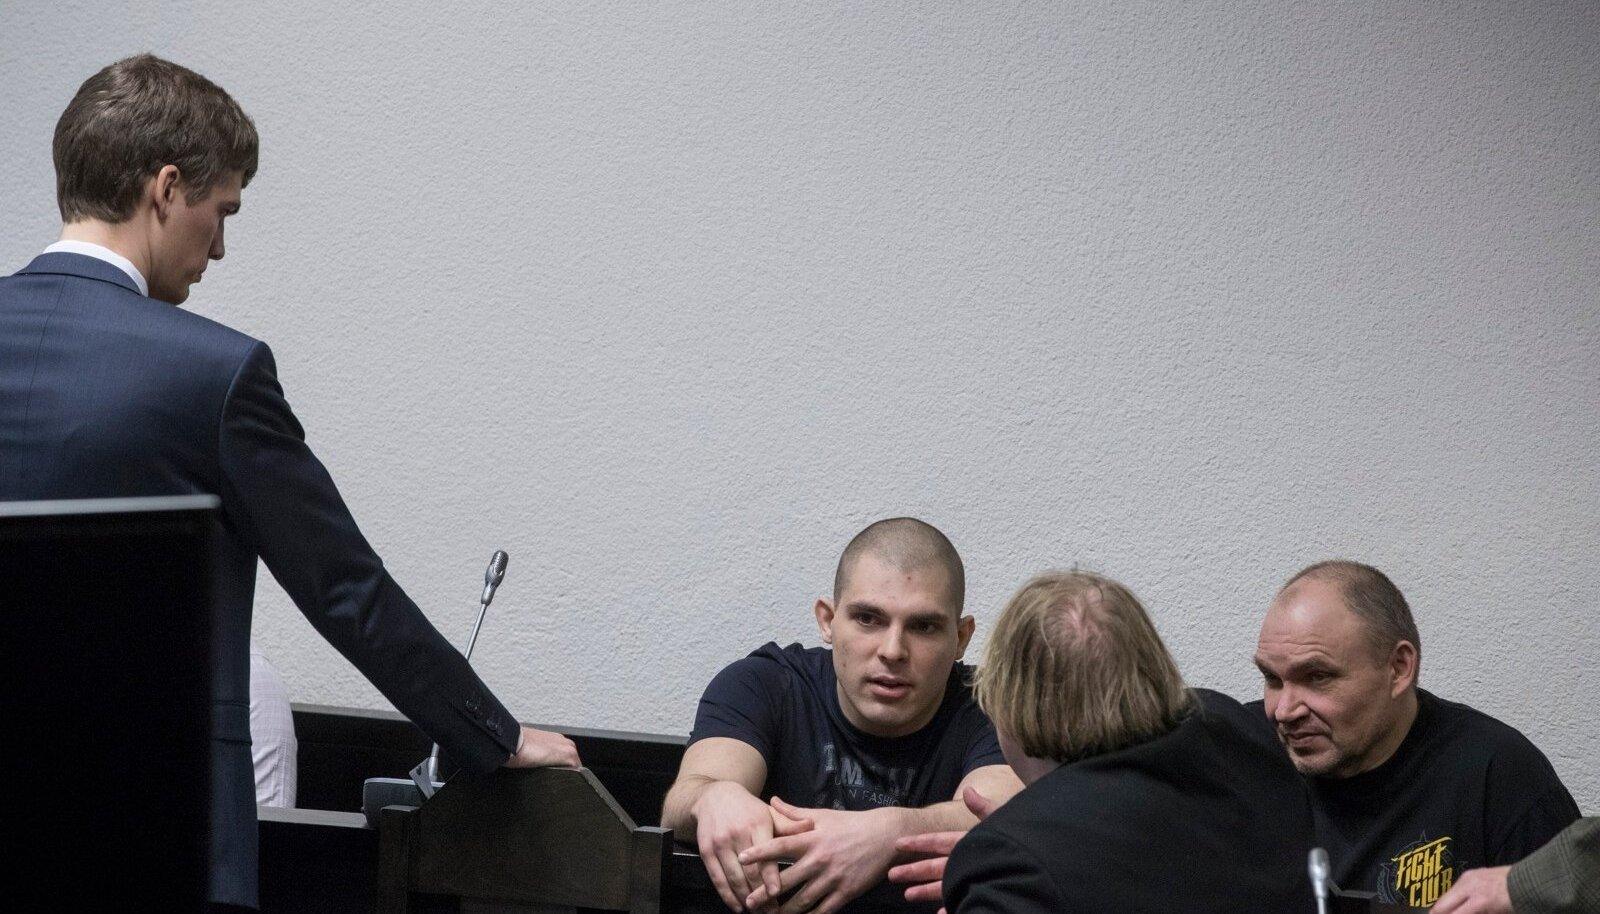 KAUA VÕIB? Aap Vels (keskel) kaebas kohtu peale, sest ta istub kohtuistungita juba neljandat aastat trellide taga. Tema kõrval seljaga advokaat Sven Sillar.